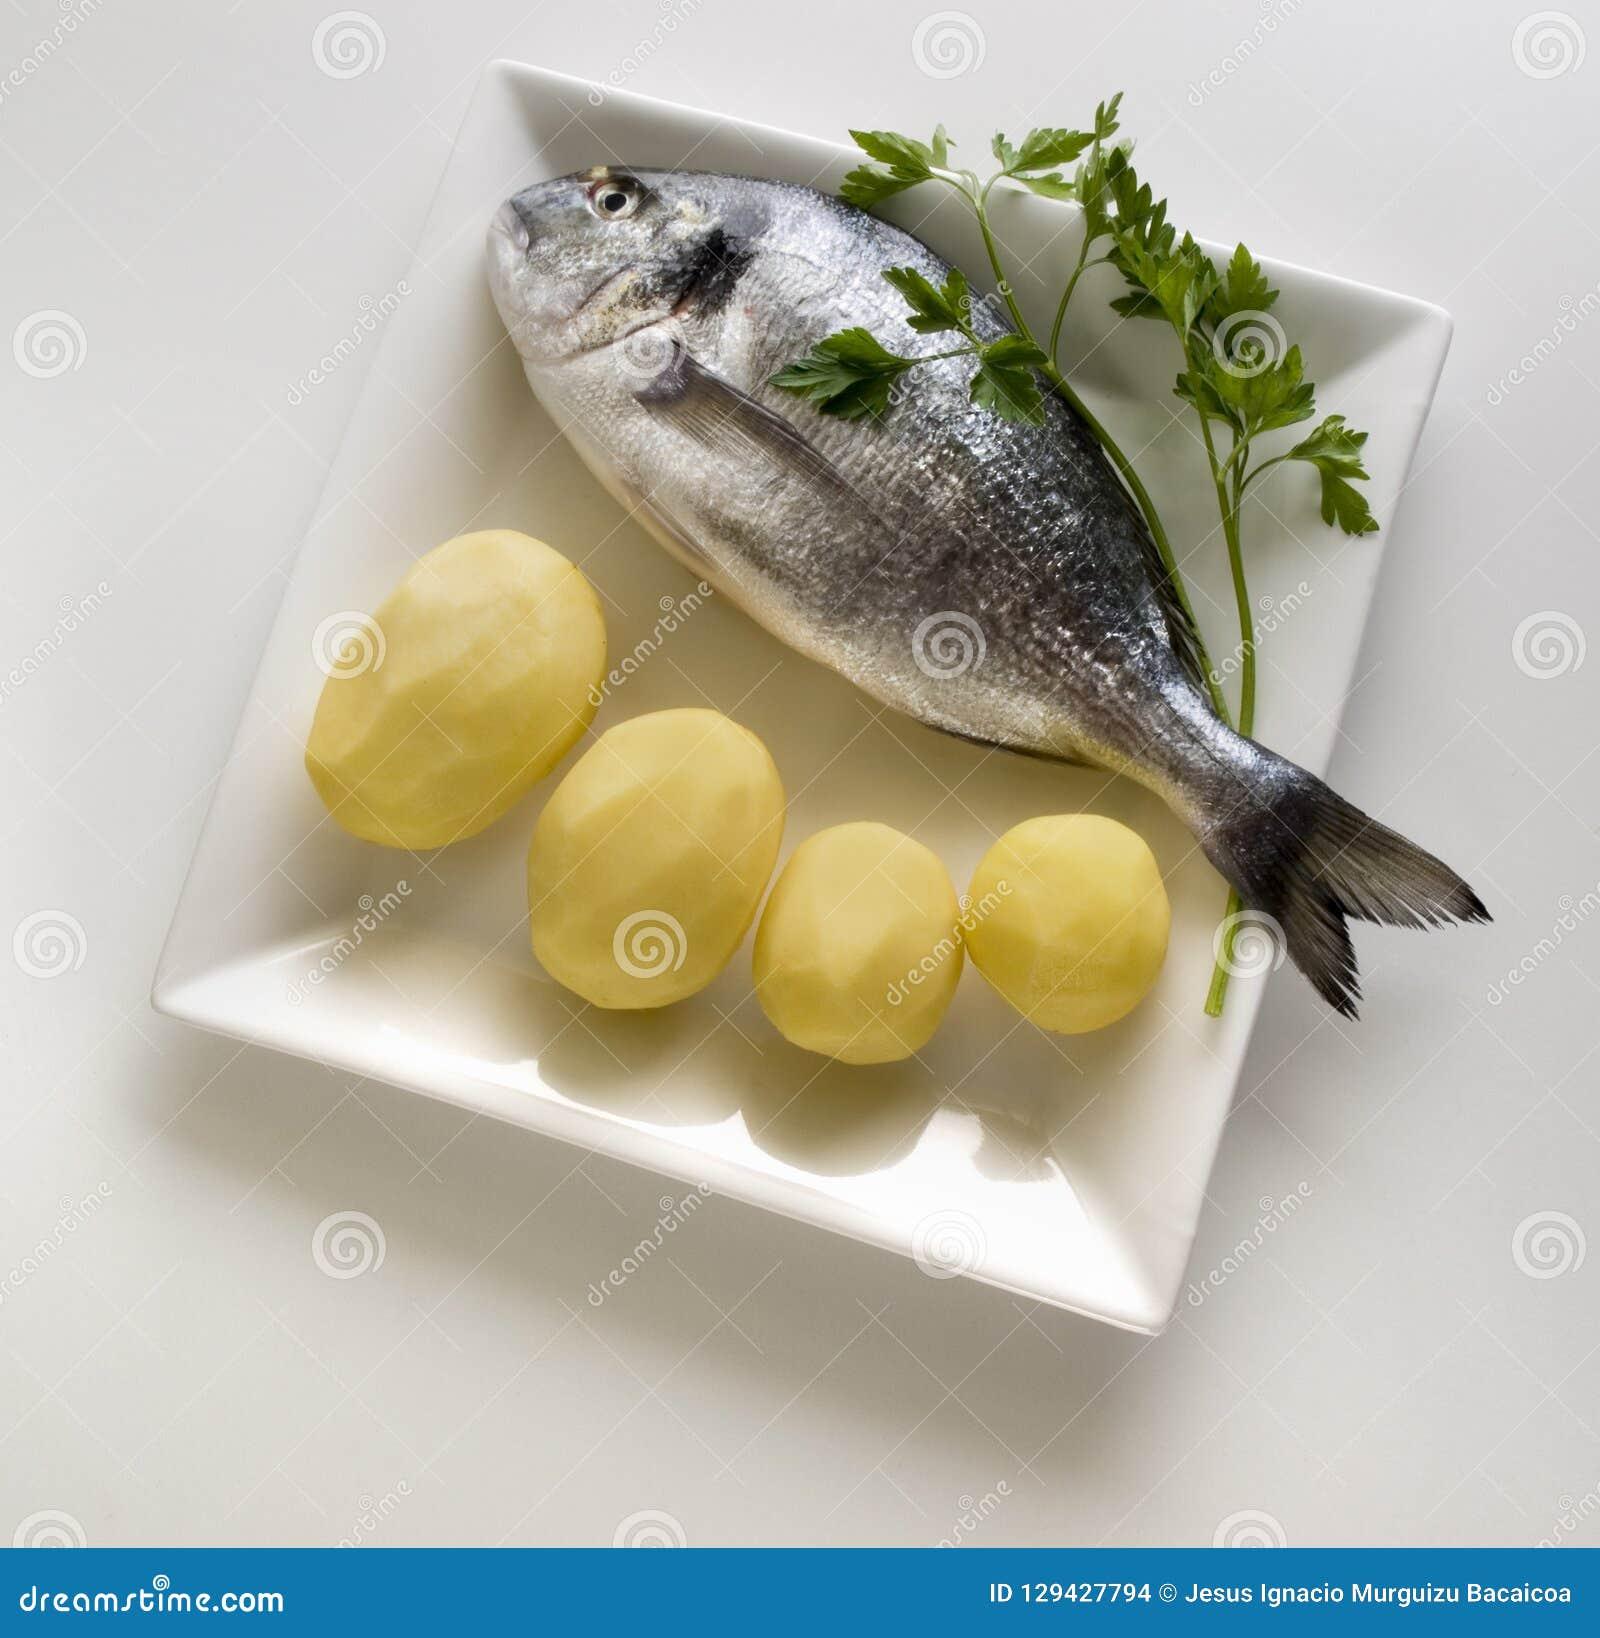 Ένα φρέσκο χρυσό ψάρι που περιβάλλονται από τις πατάτες και ένας κλάδος του μαϊντανού